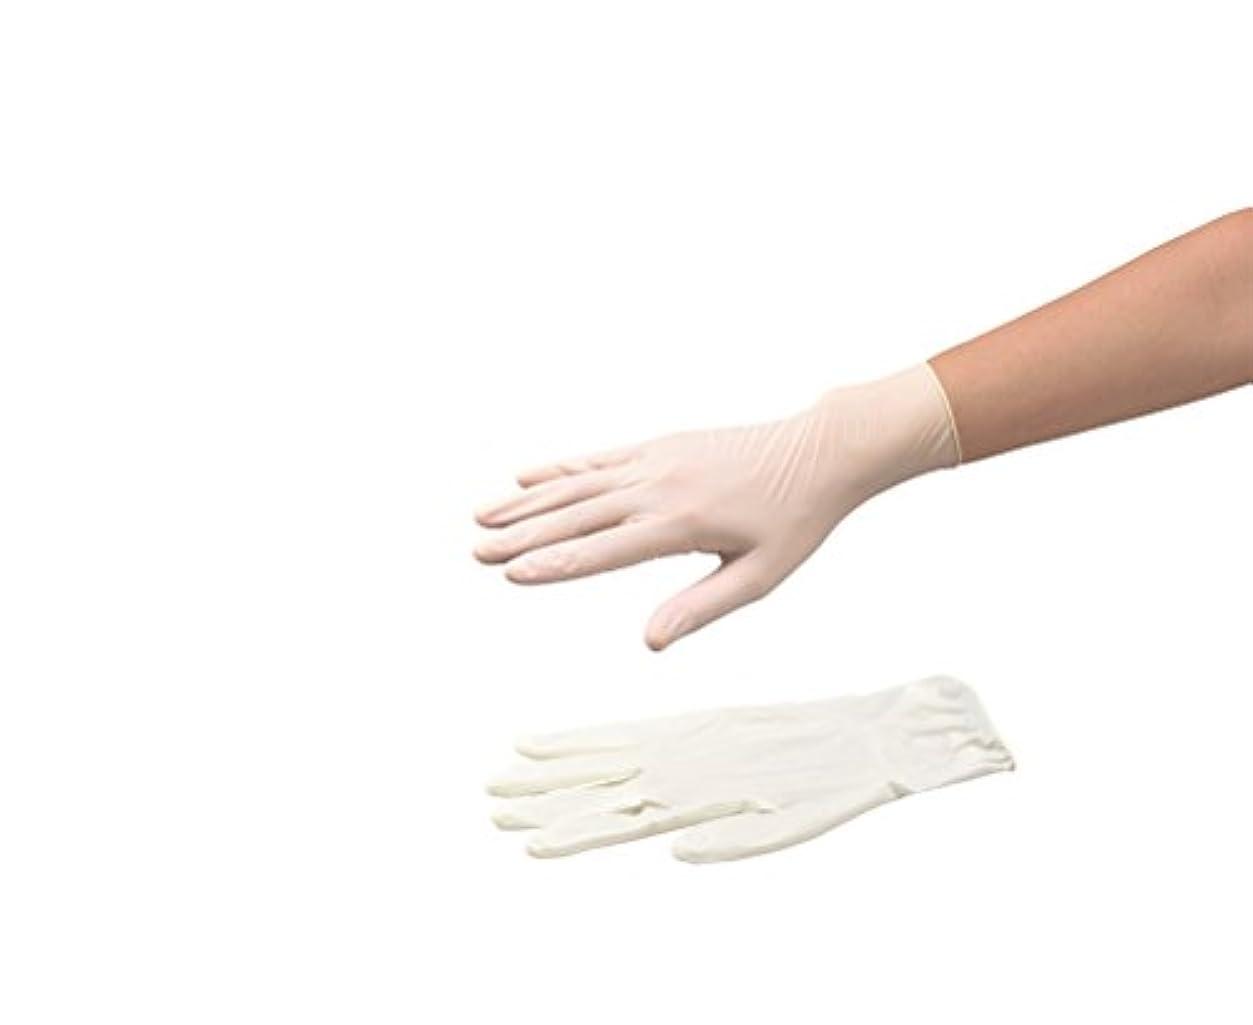 ナビロール手袋(指先エンボス?エコノミータイプ?パウダー付) M 1箱(100枚入) /8-9970-02